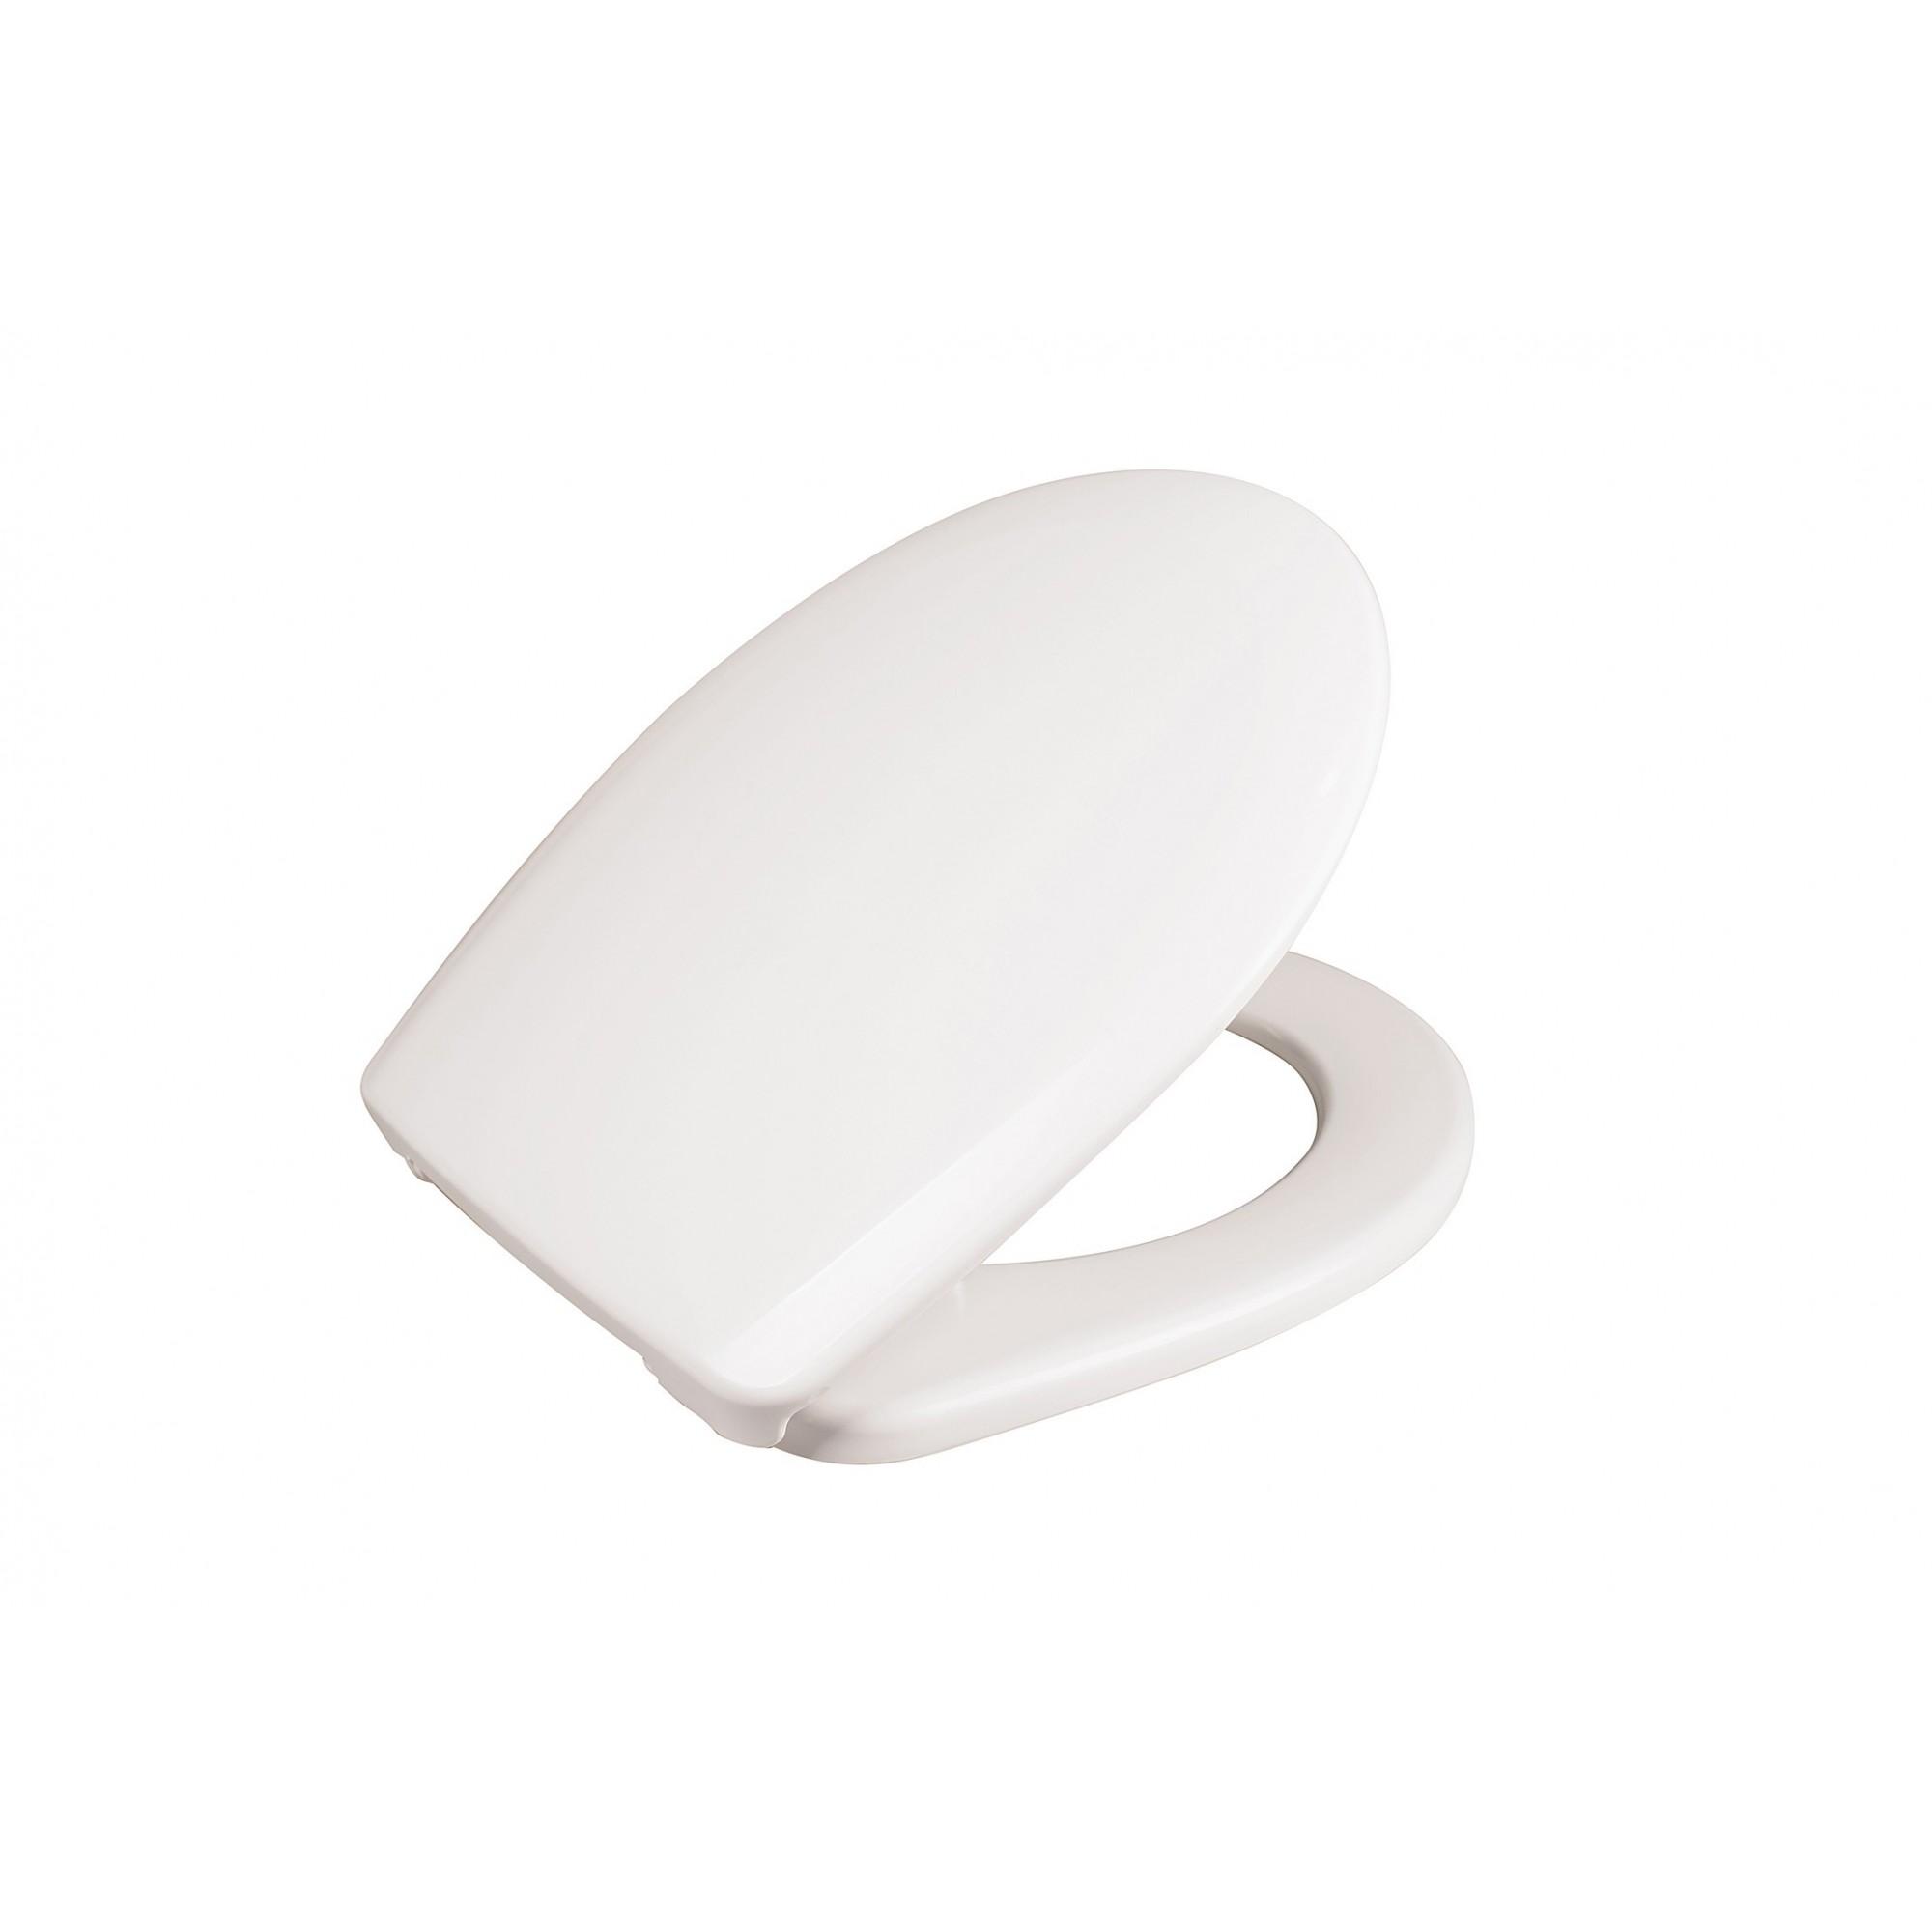 Крышка для унитаза белая SYDANIT СУ 66 полиропилен